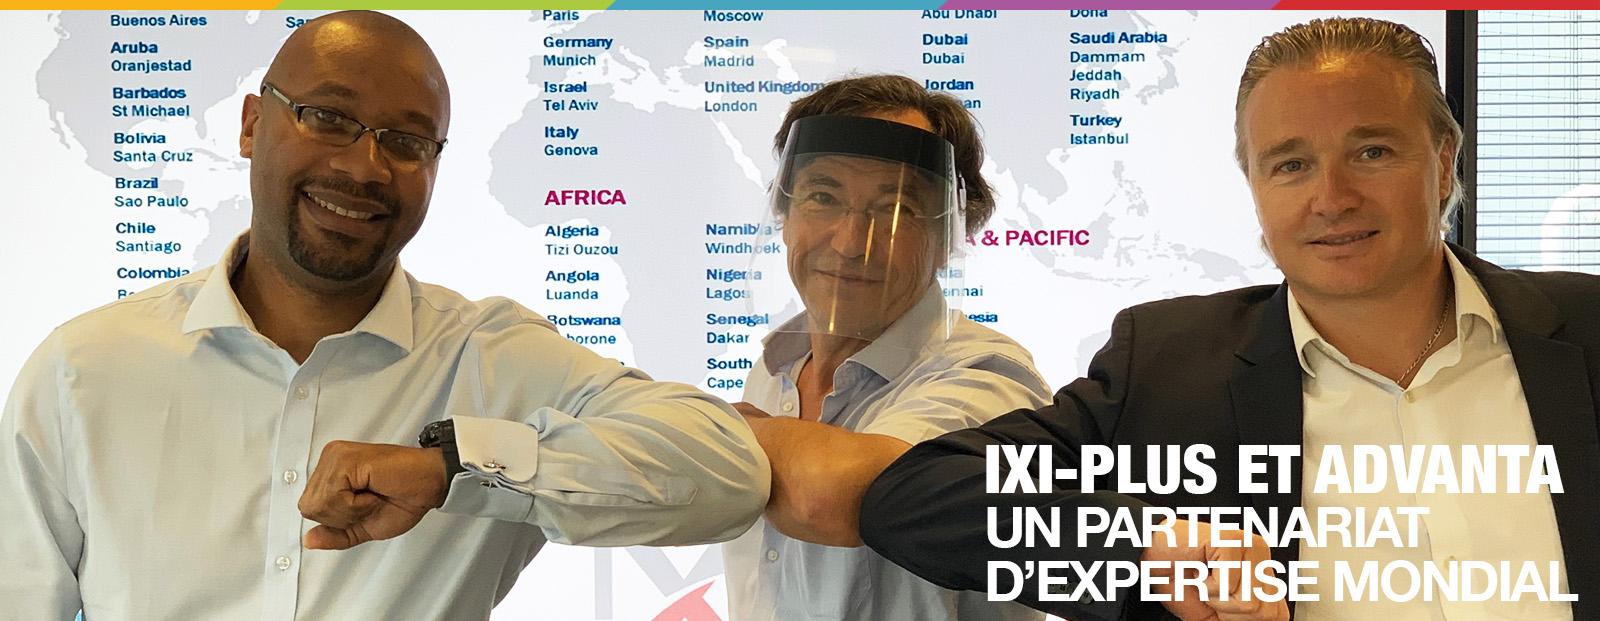 slider-ixi-2020_-_Partenariat_IXI_Plus_et_Advanta_